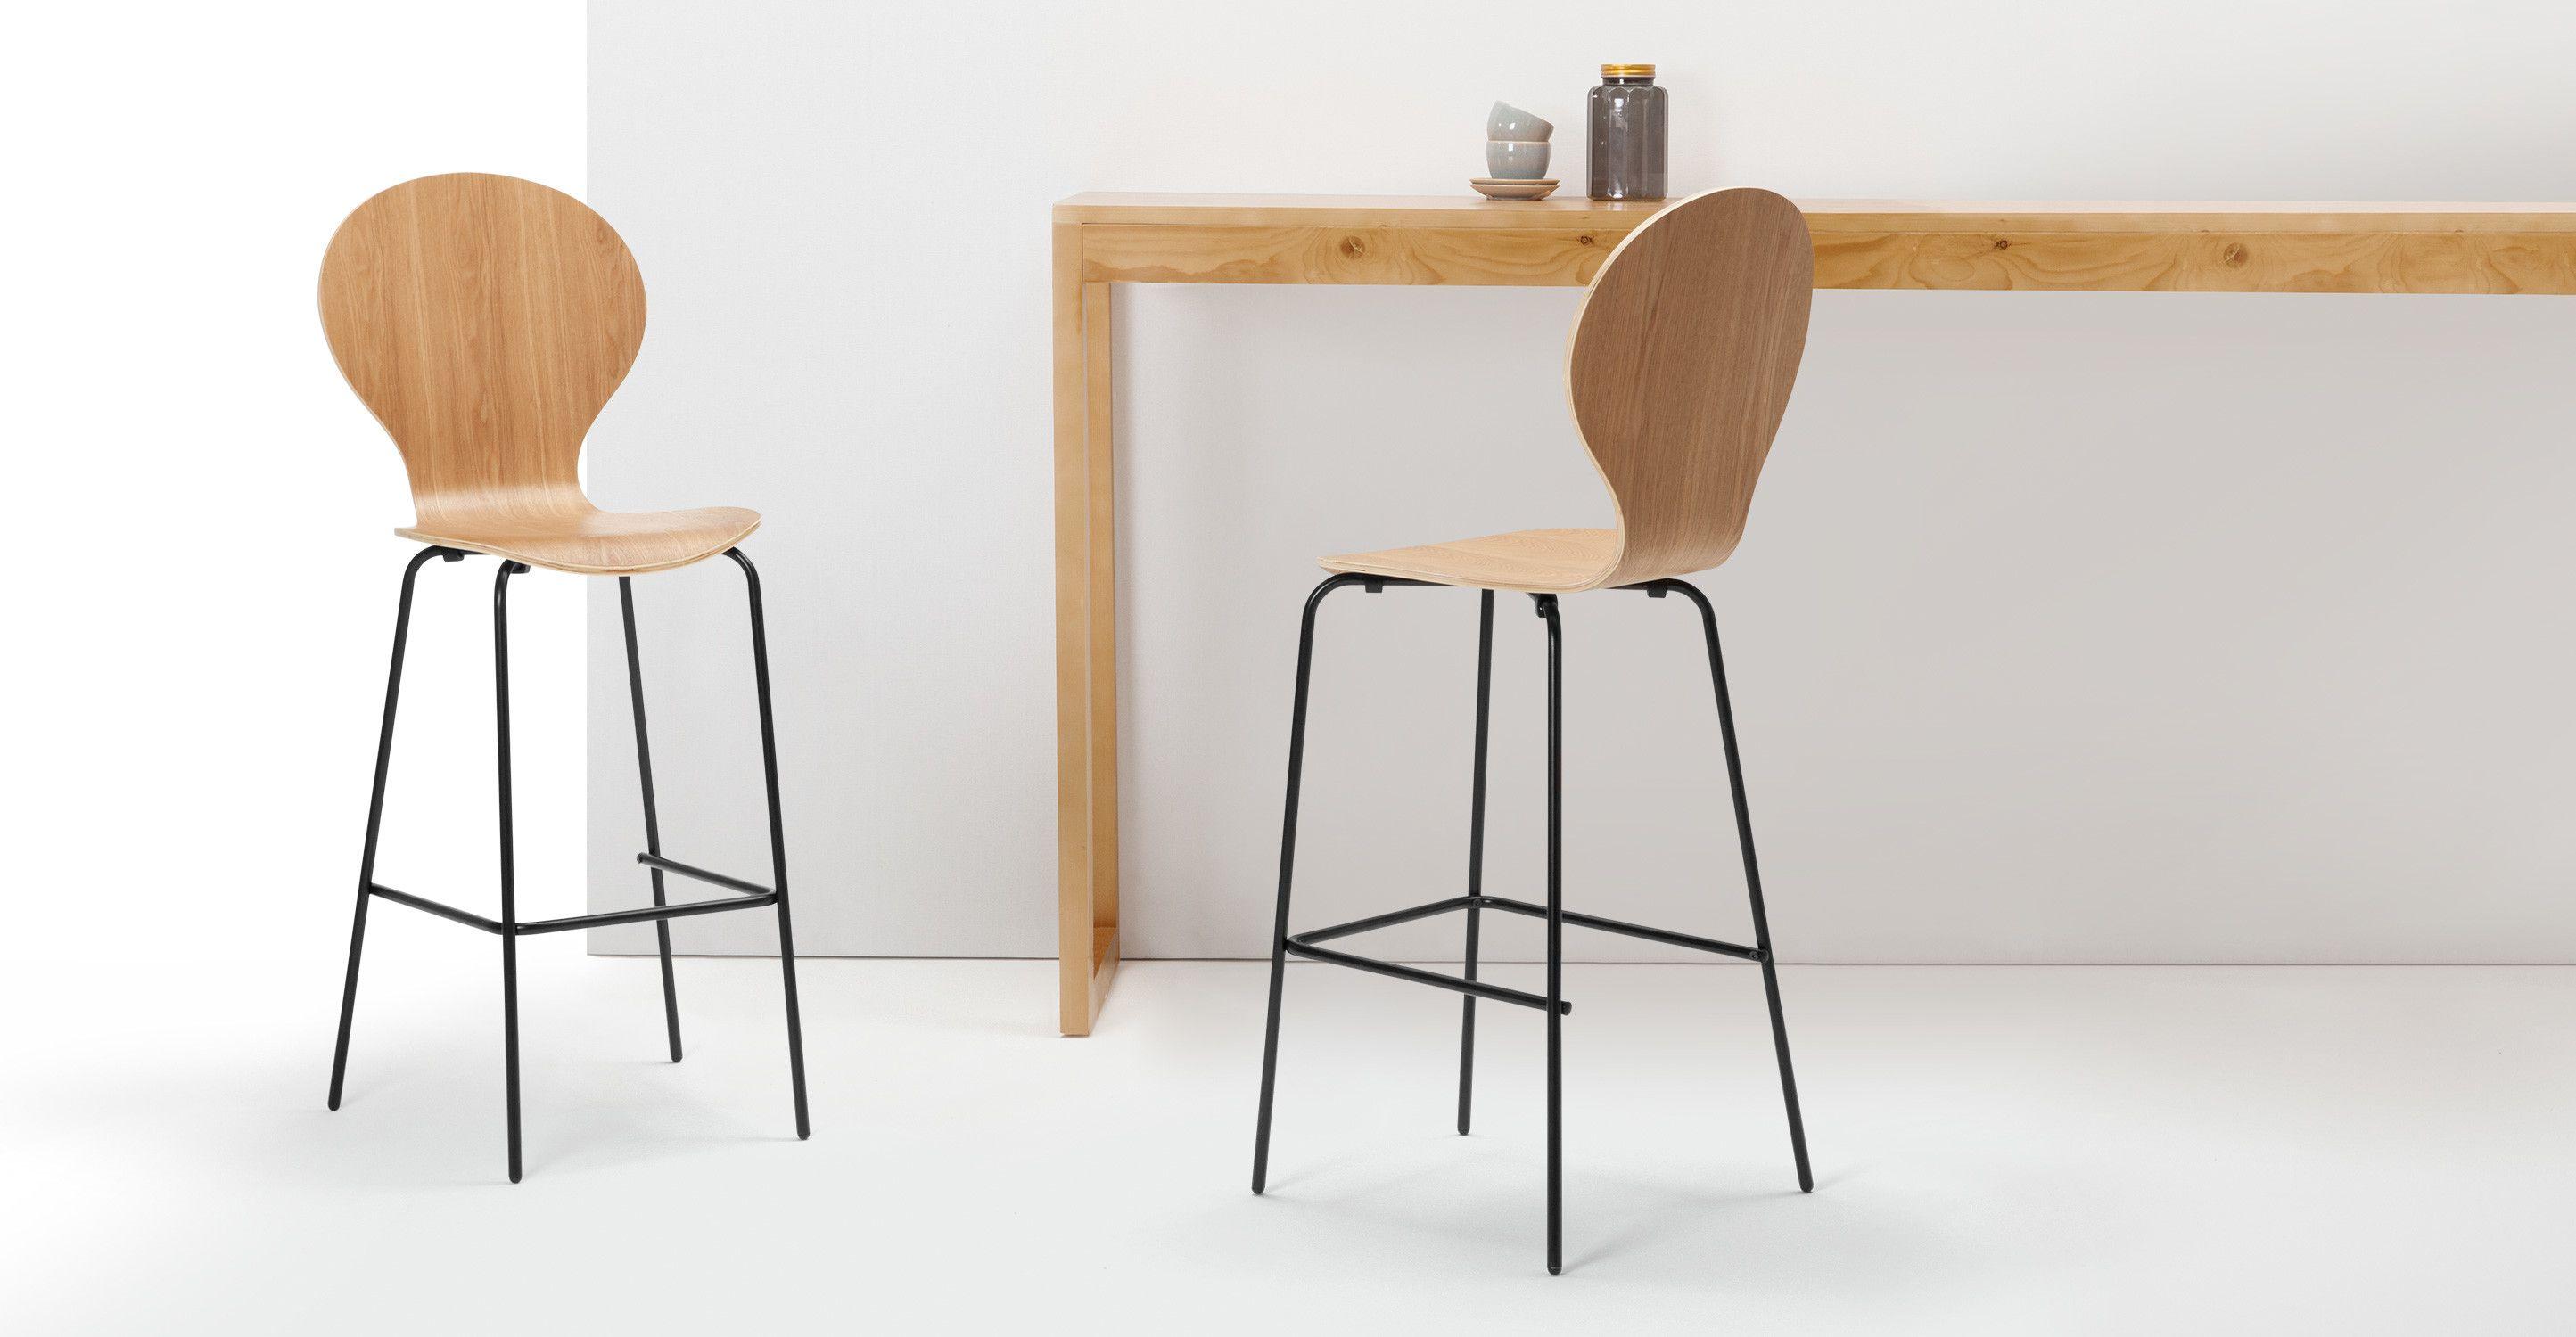 2 X Kitsch Barhocker, Esche Und Schwarz ▻ Neues Design Für Dein Zuhause!  Entdecke Jetzt Hocker U0026 Barhocker In Vielen Styles Bei MADE.